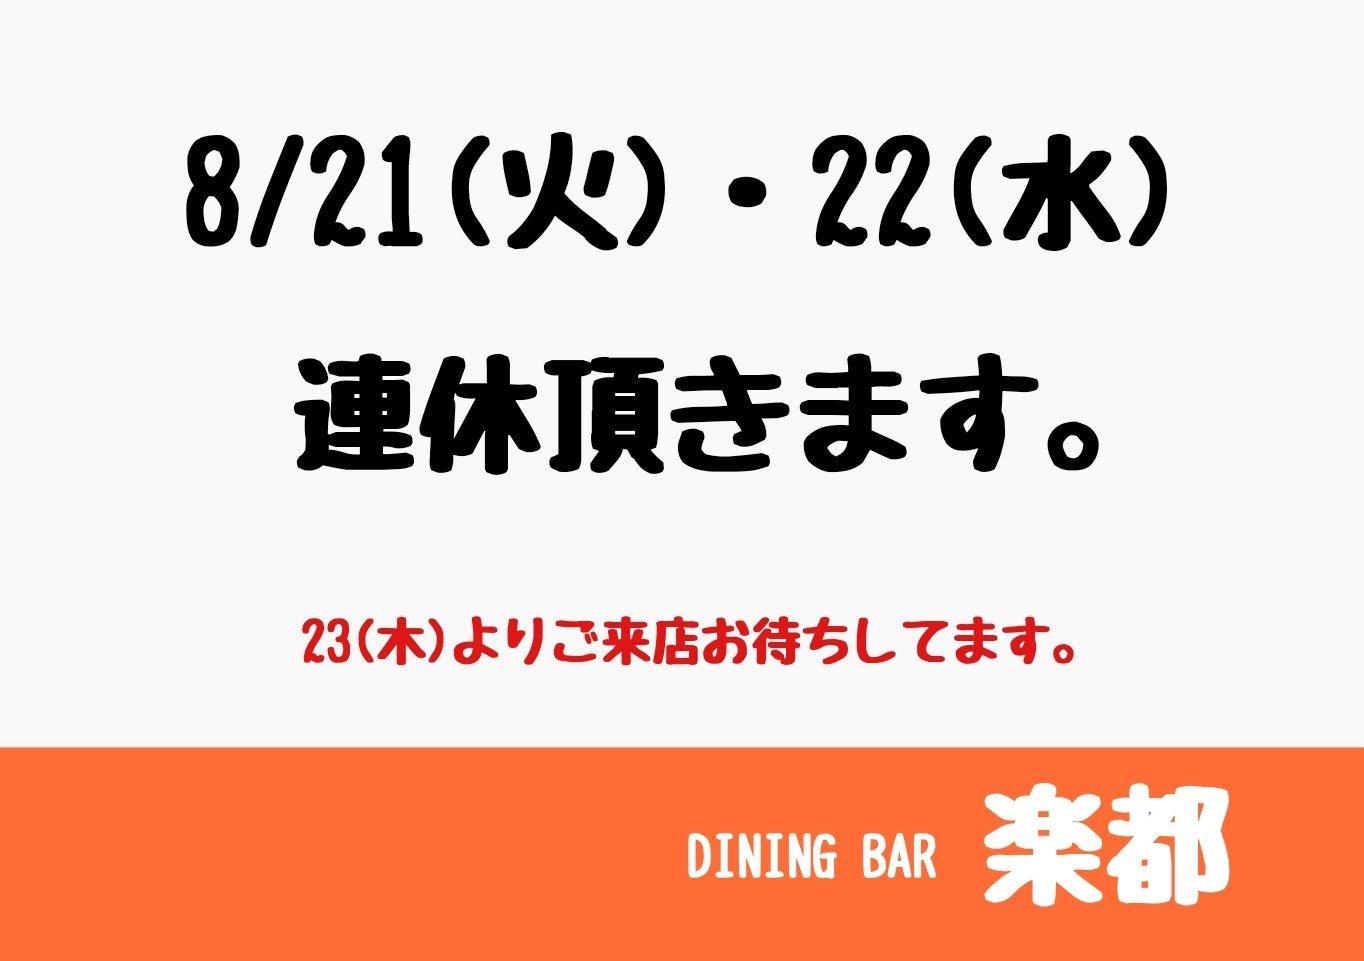 土佐日記(うずまる)【ダイニングバー楽都】